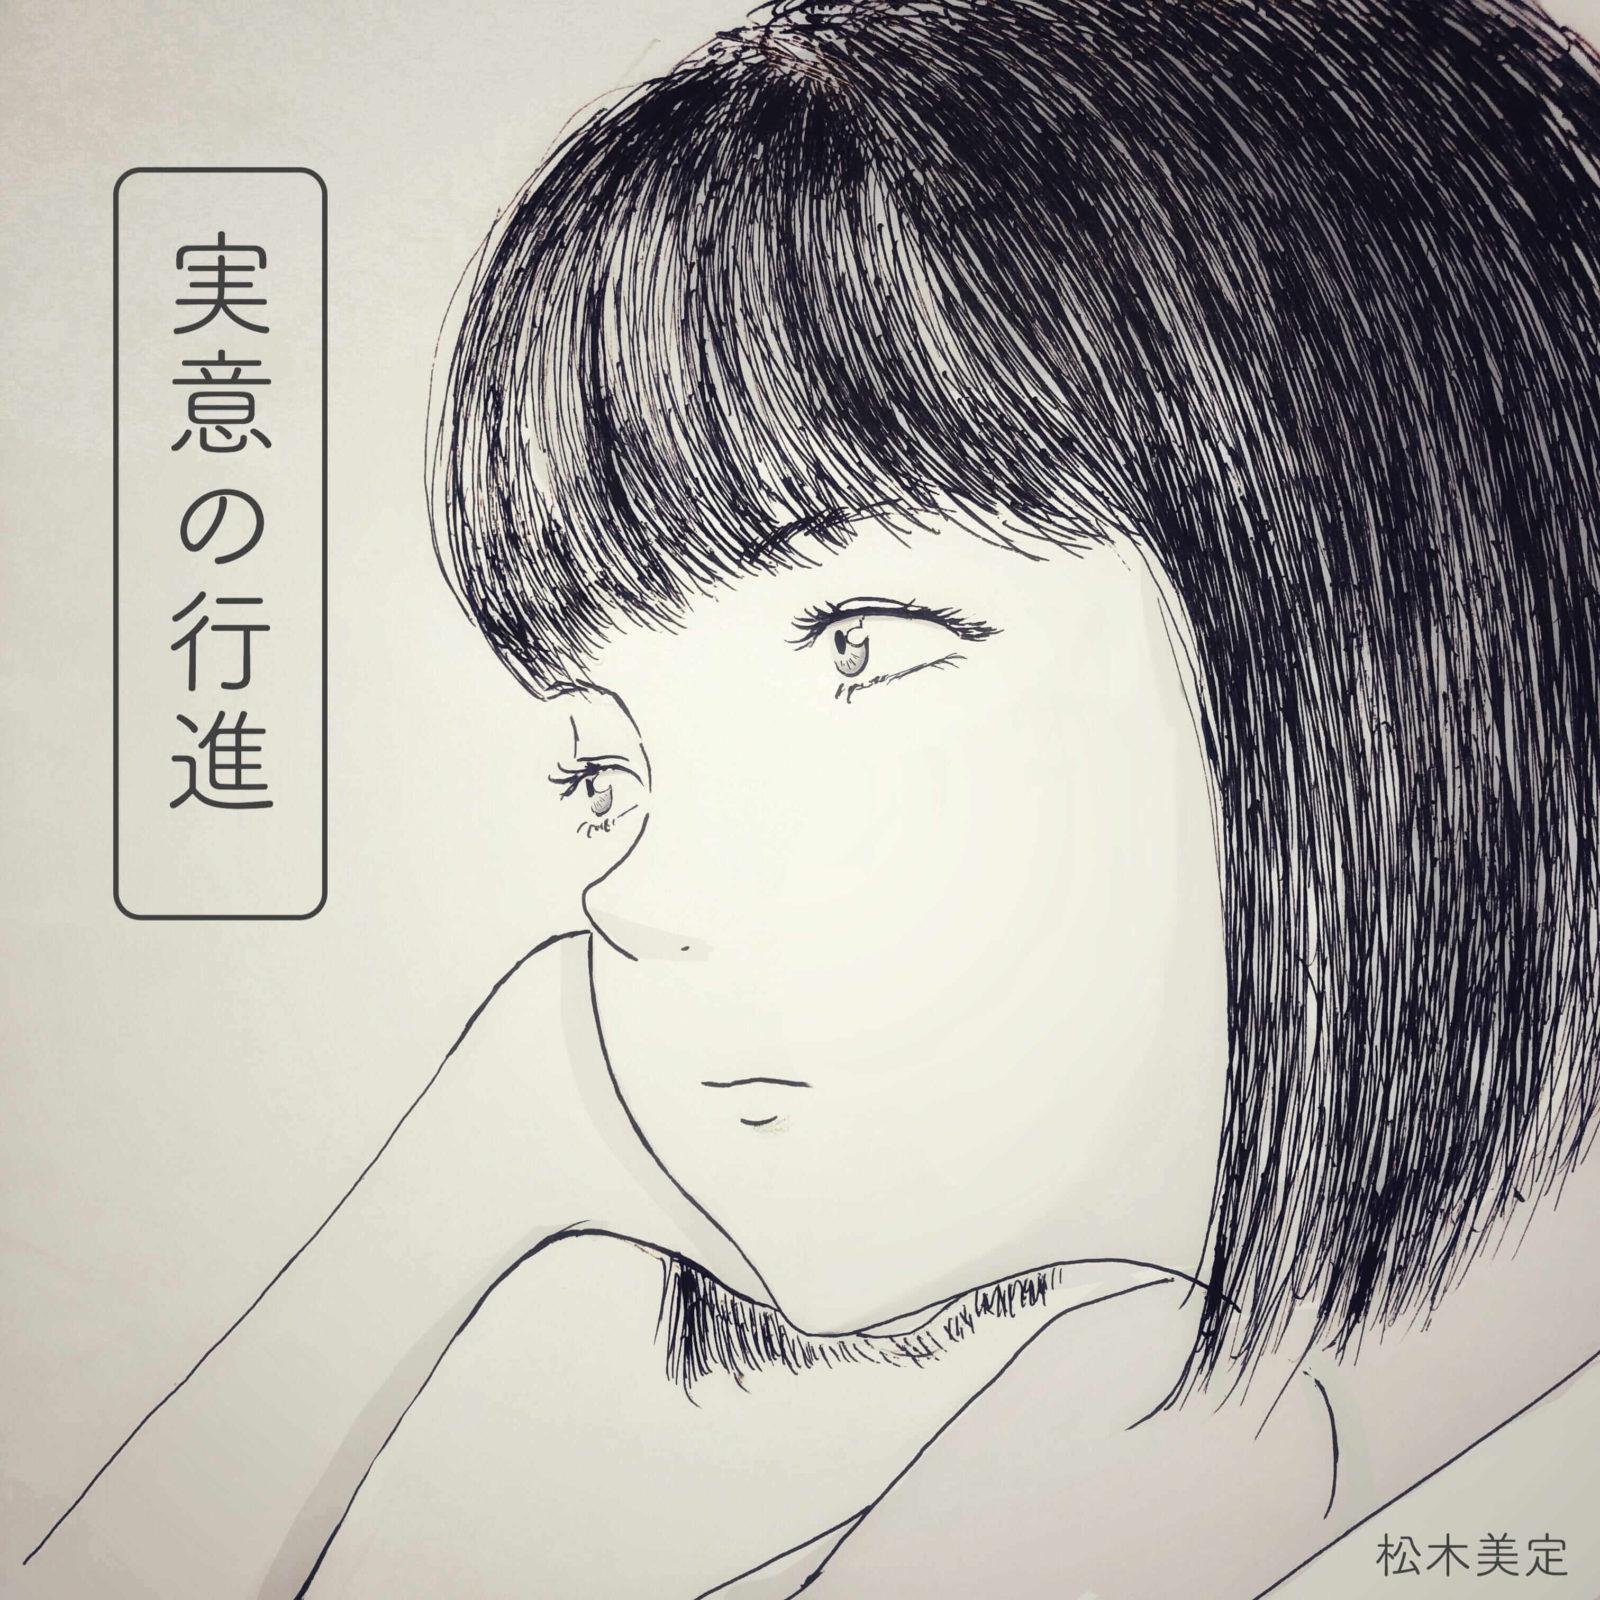 注目のシンガー・ソングライター 松木美定、2月19日に配信シングルリリース決定サムネイル画像